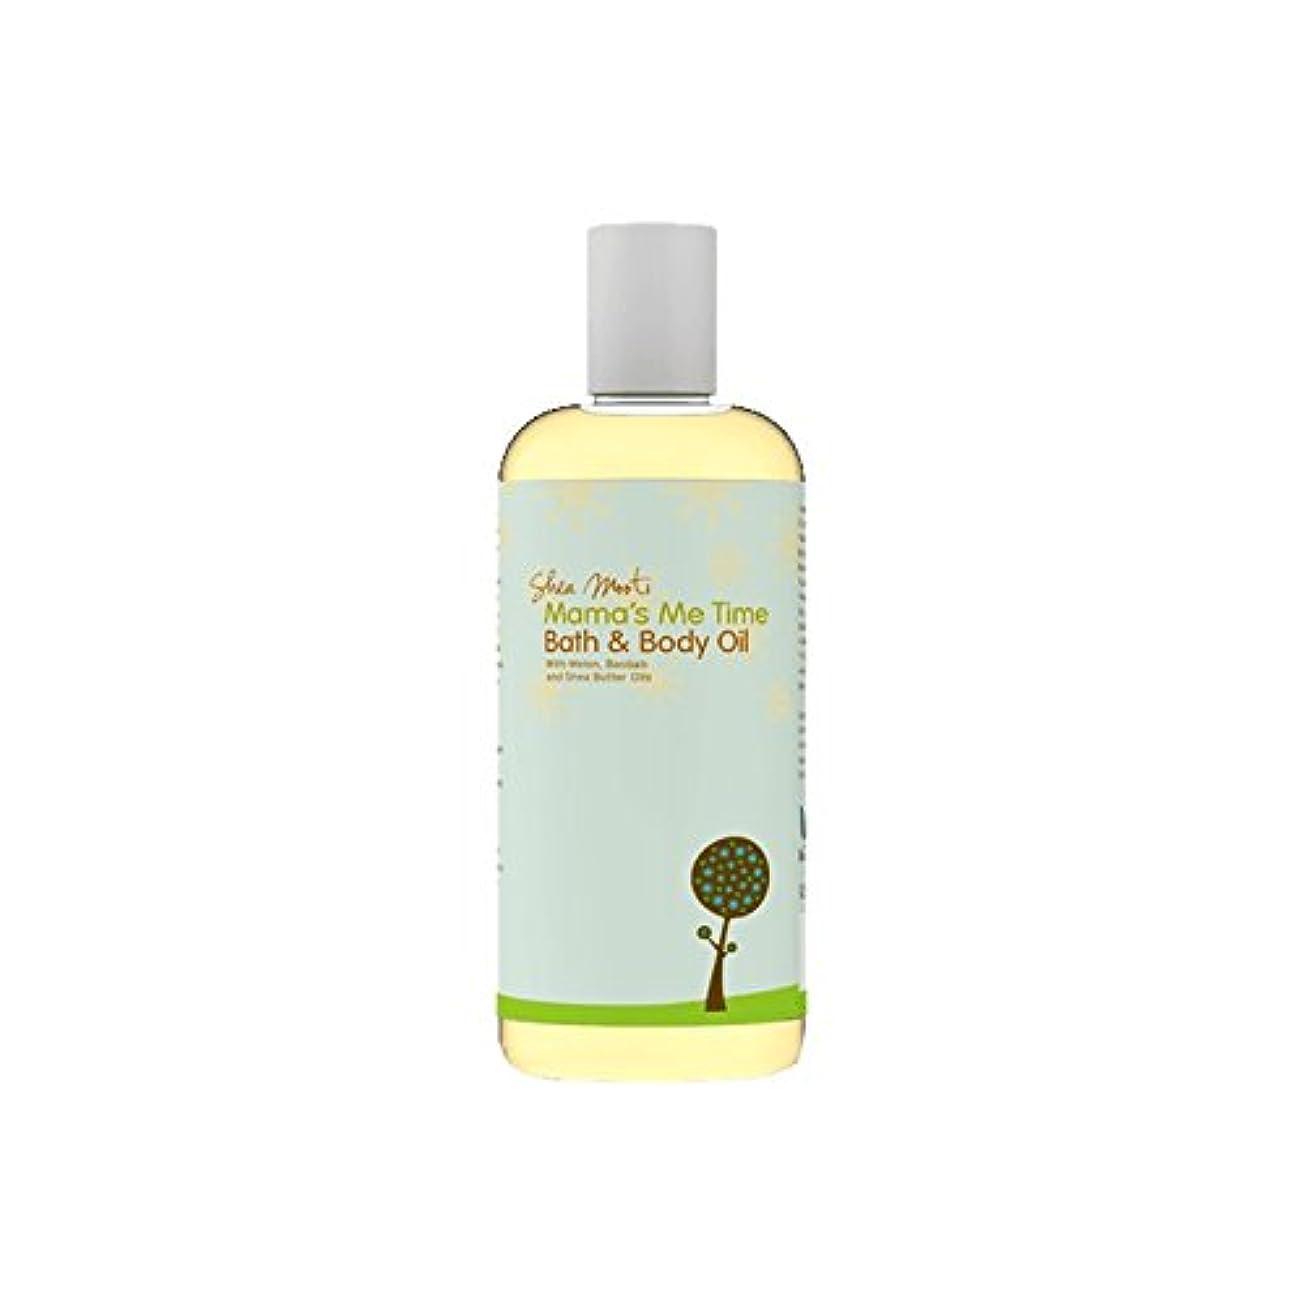 更新主観的仮定するShea Mooti Mama's Me Time Bath and Body Oil 110g (Pack of 6) - シアバターMootiママの私の時間のバス、ボディオイル110グラム (x6) [並行輸入品]